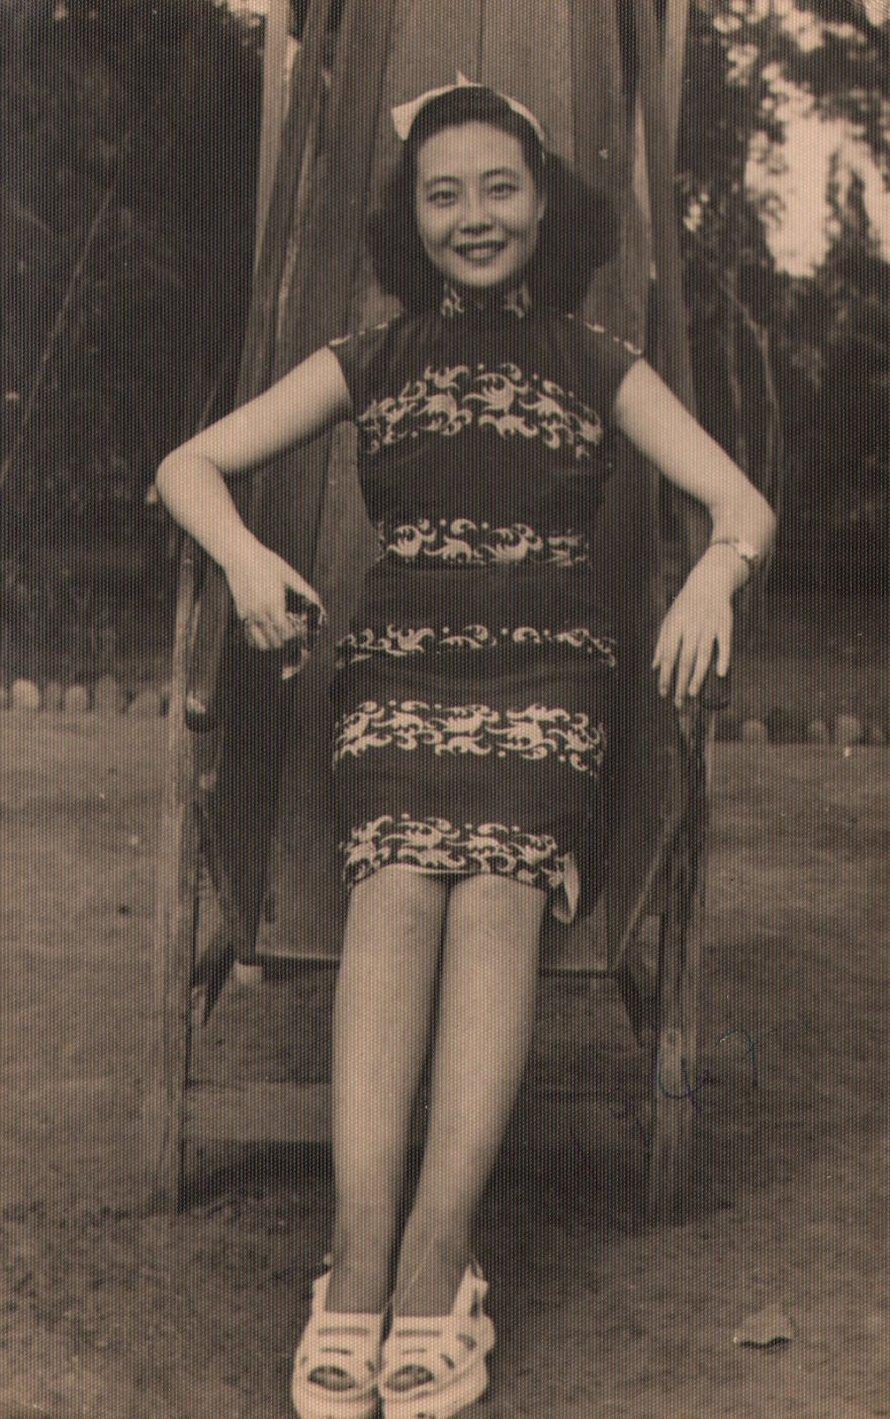 Ma grand-mère ne m'a pas laissé voir son album photo avant sa mort et ce n'est que récemment que j'ai découvert sa vie de rêve